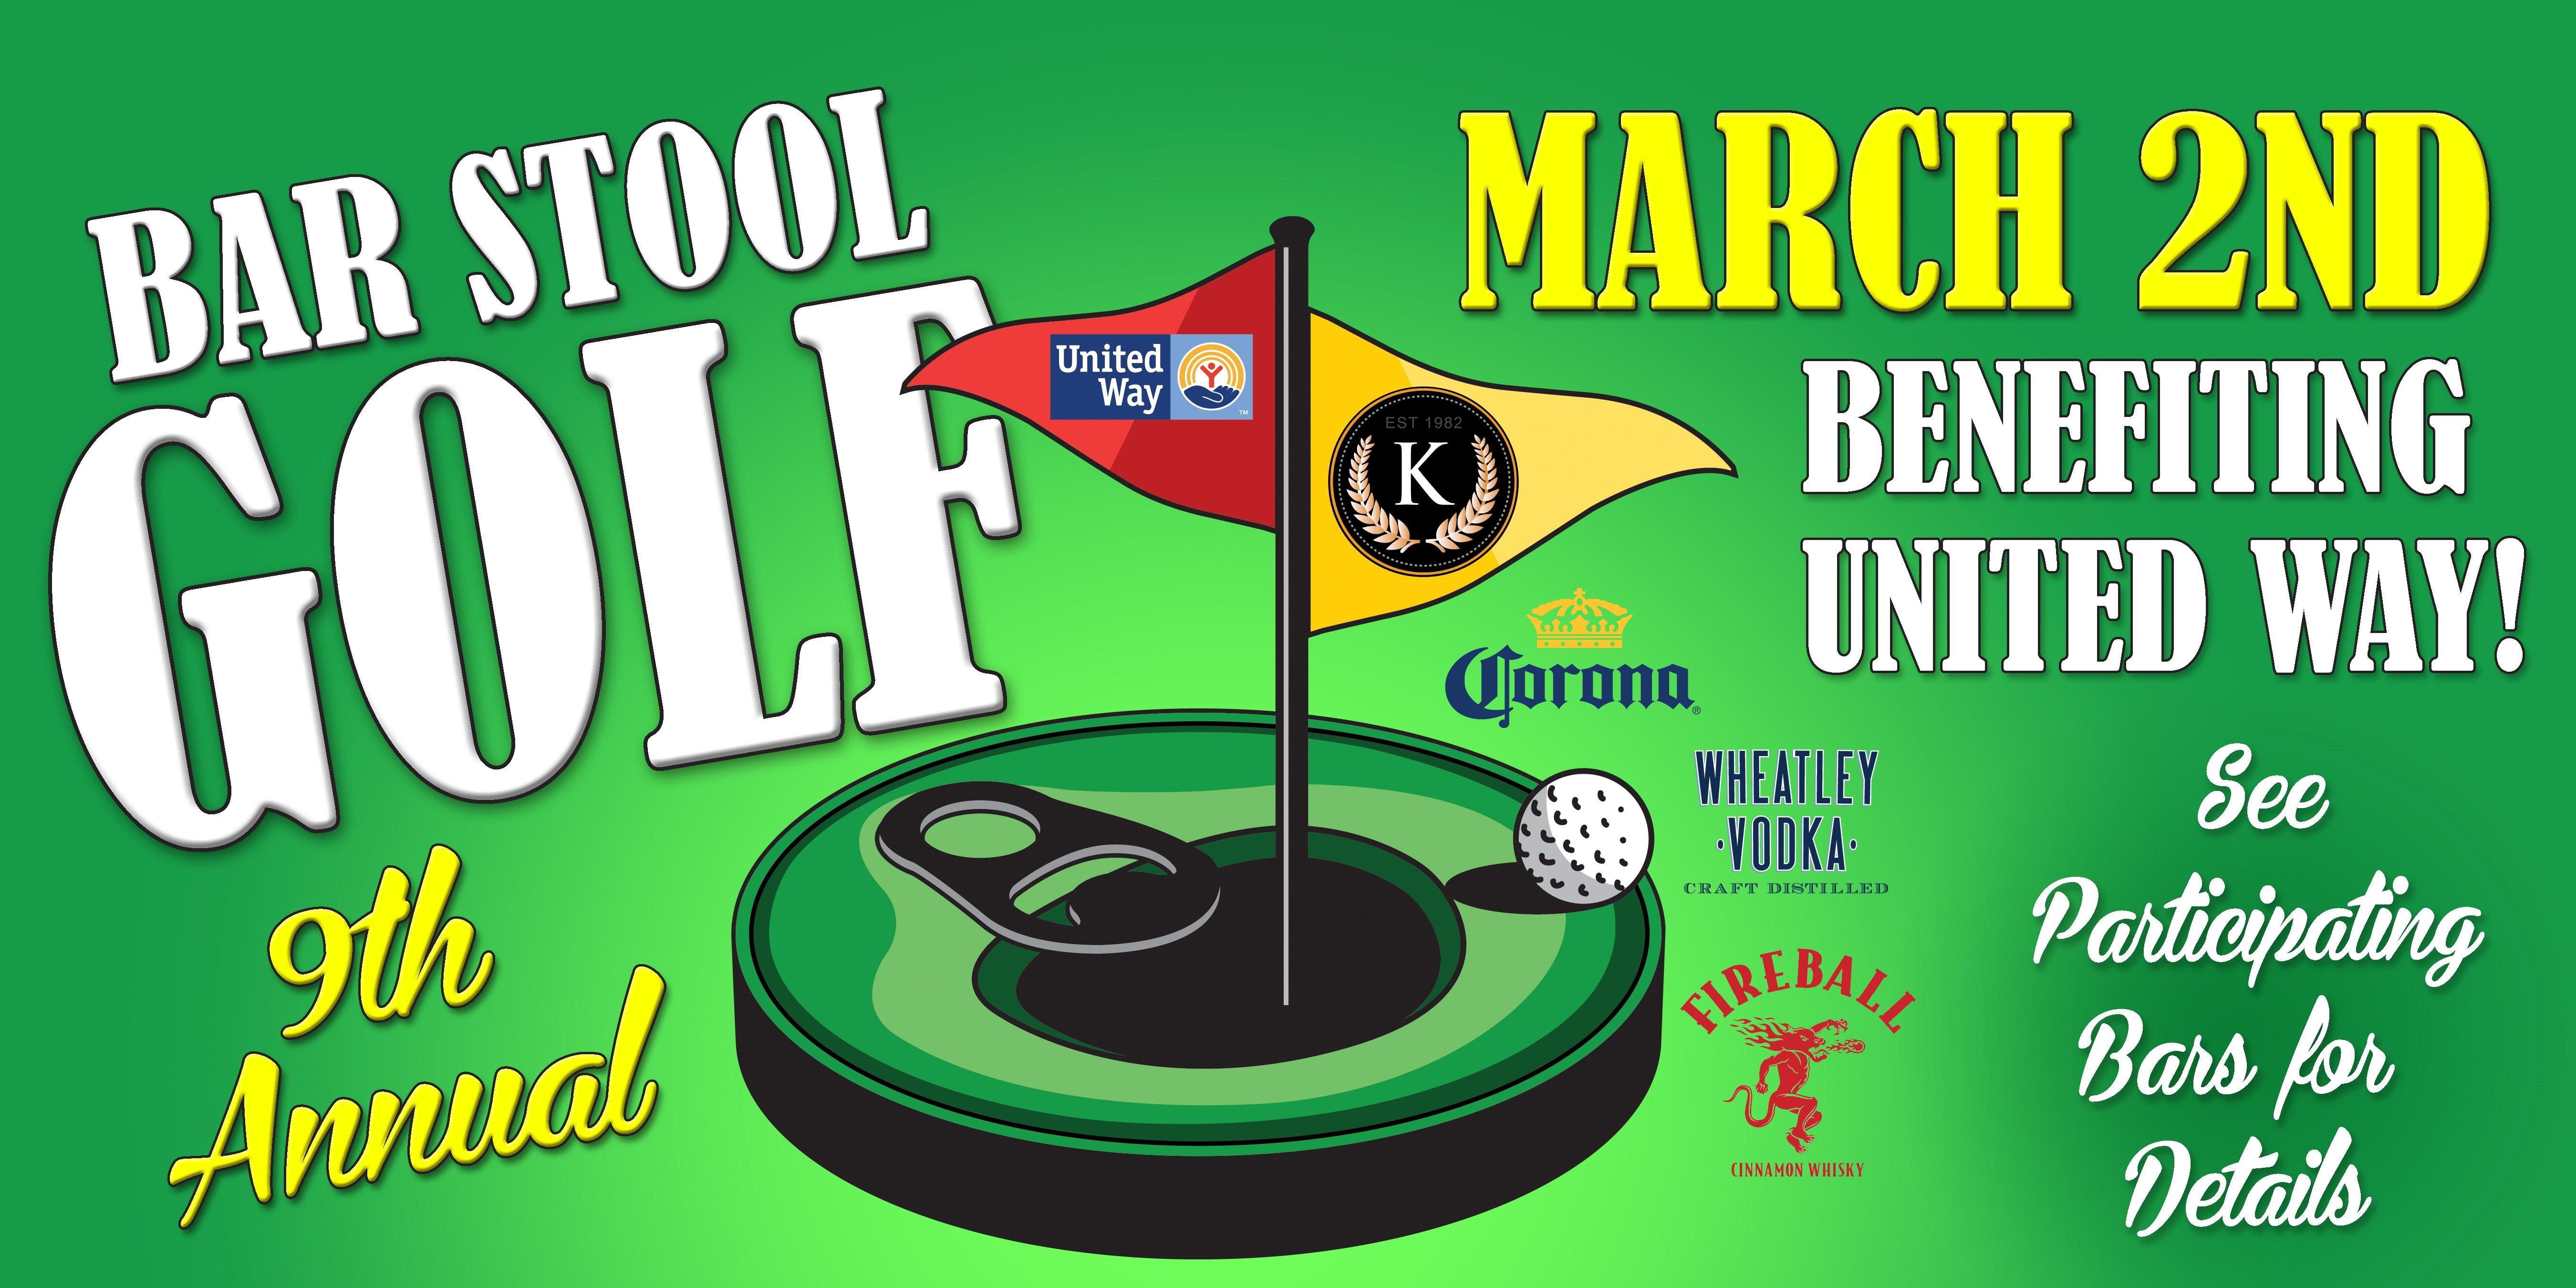 Bar Stool Golf Main